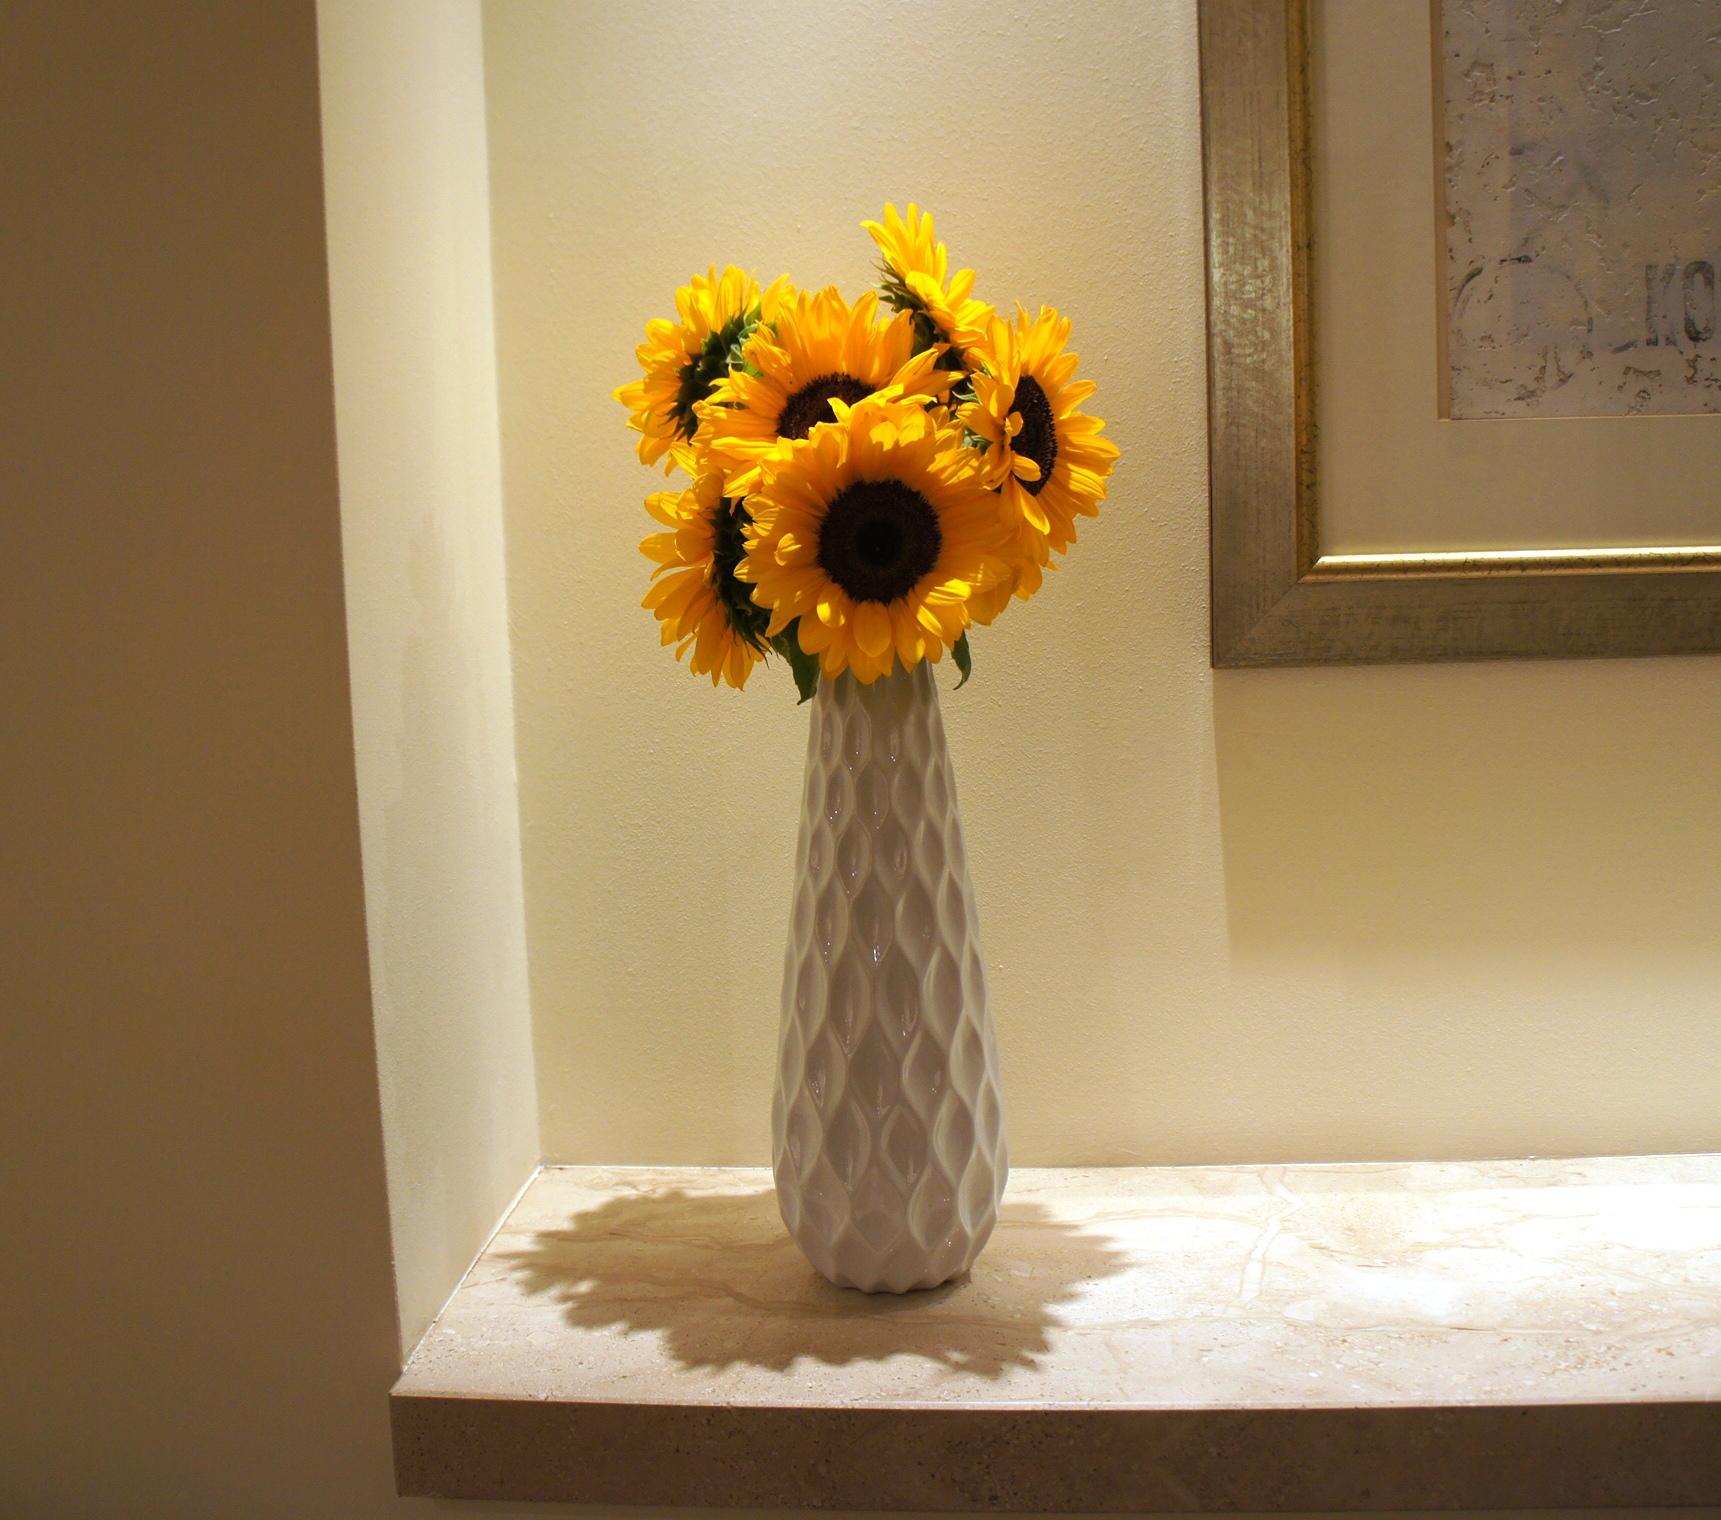 kwiaty do biura, słoneczniki